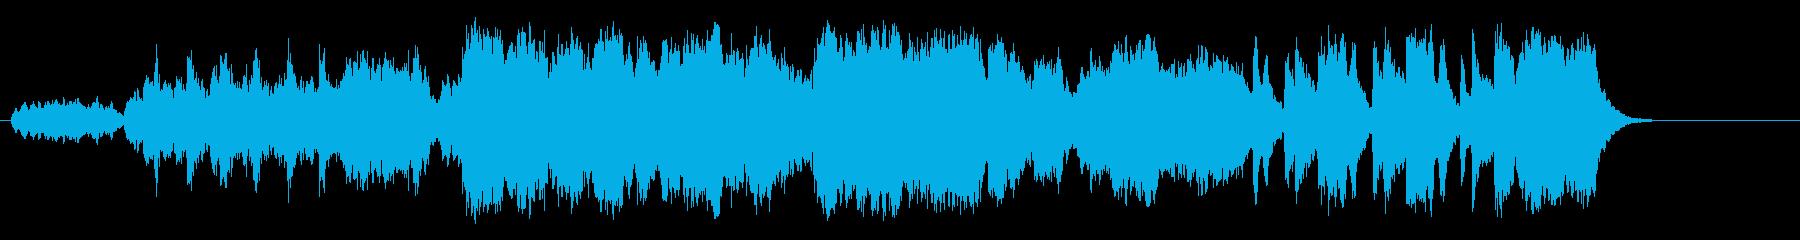 木漏れ日の幻想的なクラシック/BGの再生済みの波形